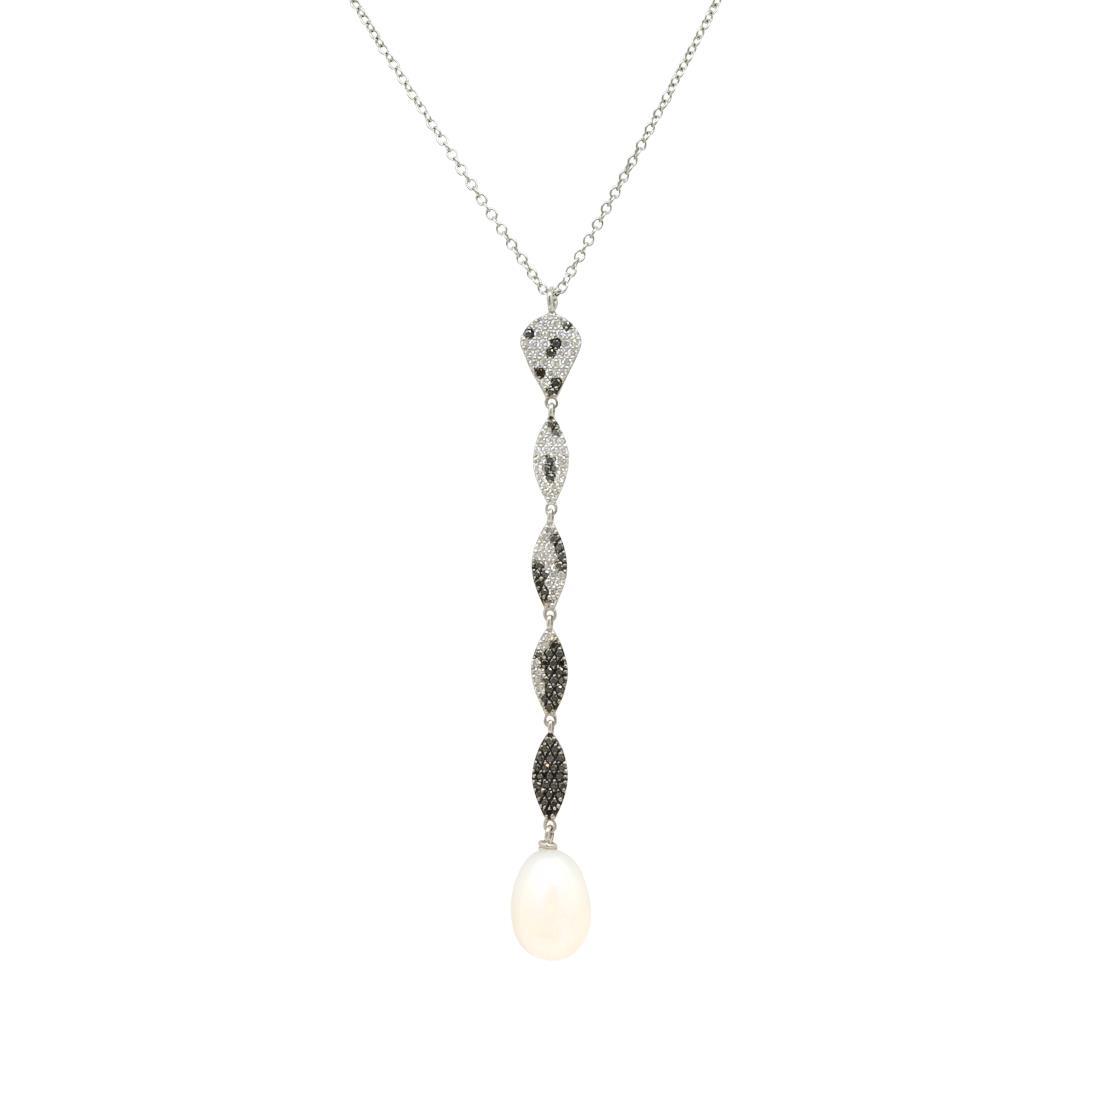 Collana in oro bianco con pendente design - ROBERTO DEMEGLIO